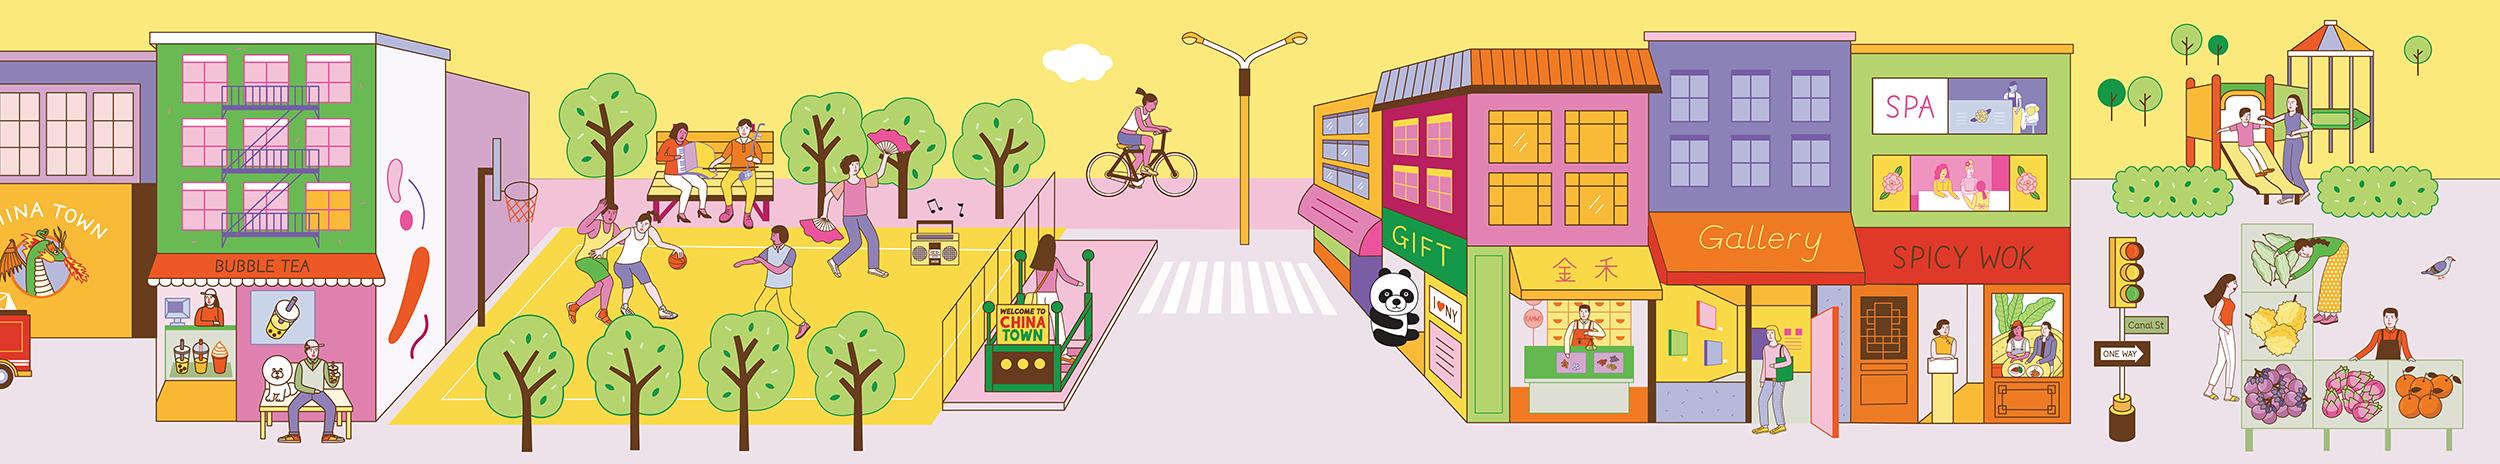 Chinatown_Website_D_03.jpg